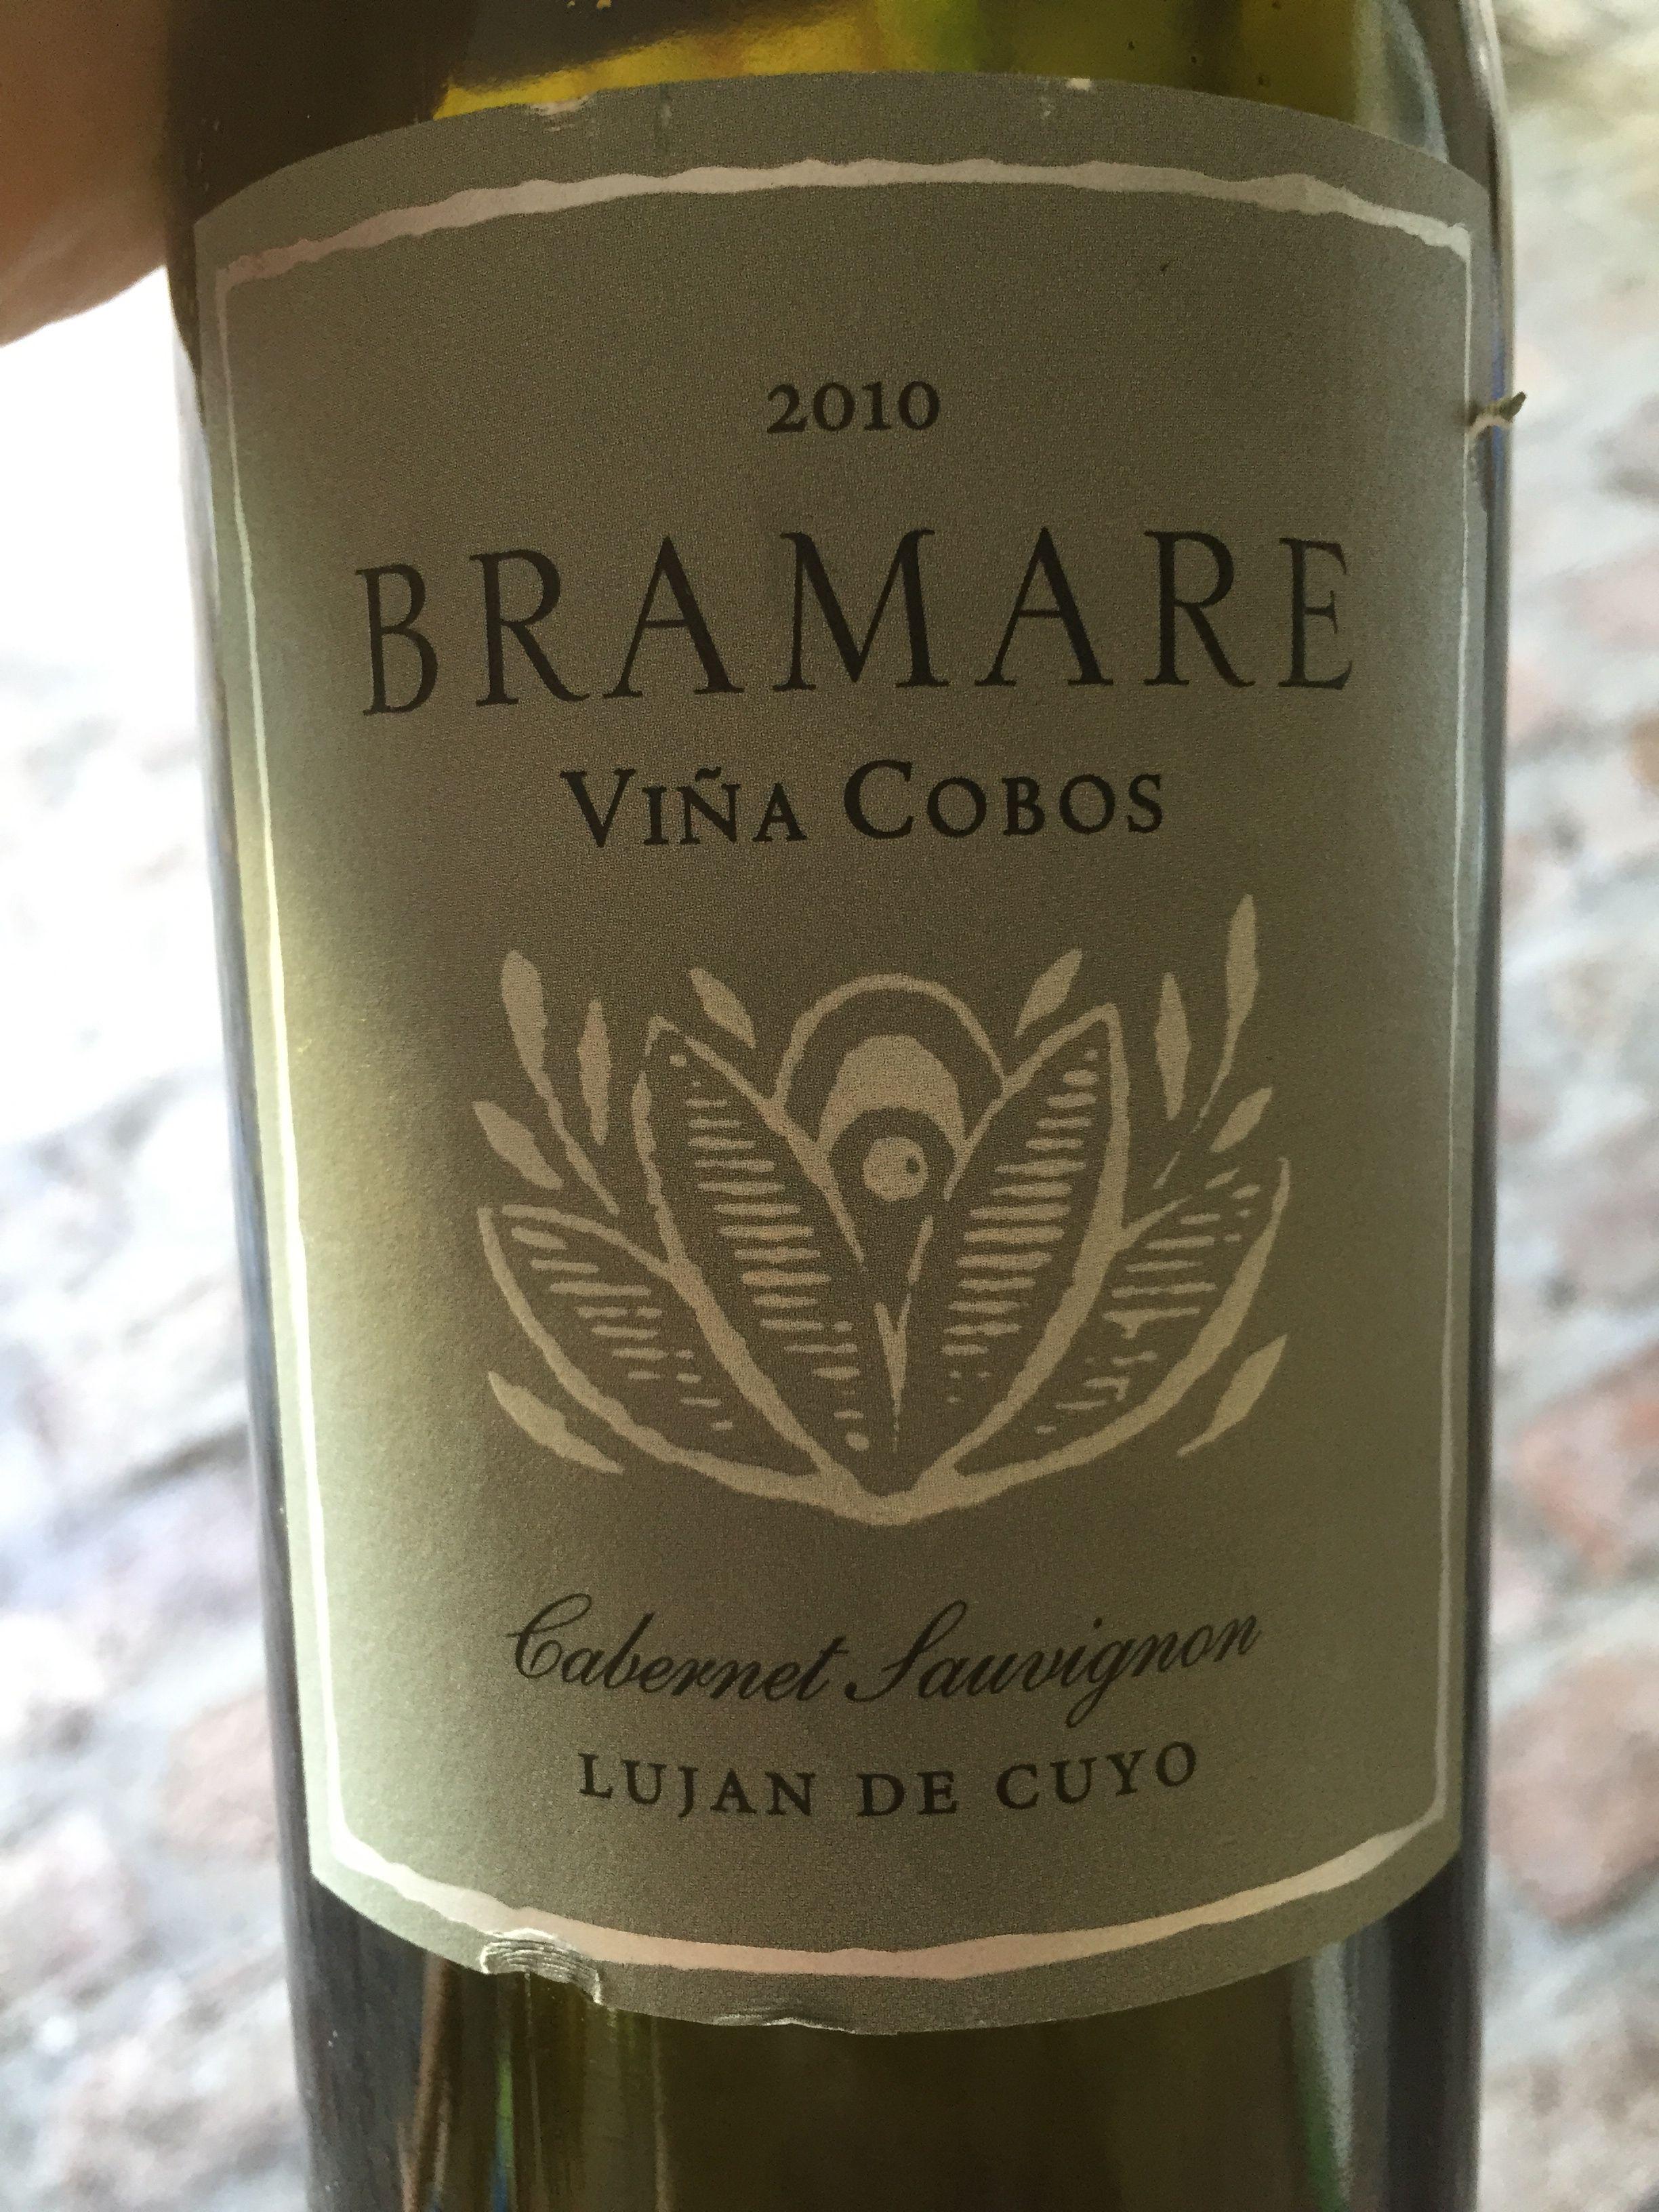 Bramare - Cabernet Sauvignon - 2010 - Viña Cobos - Mendoza, Argentina